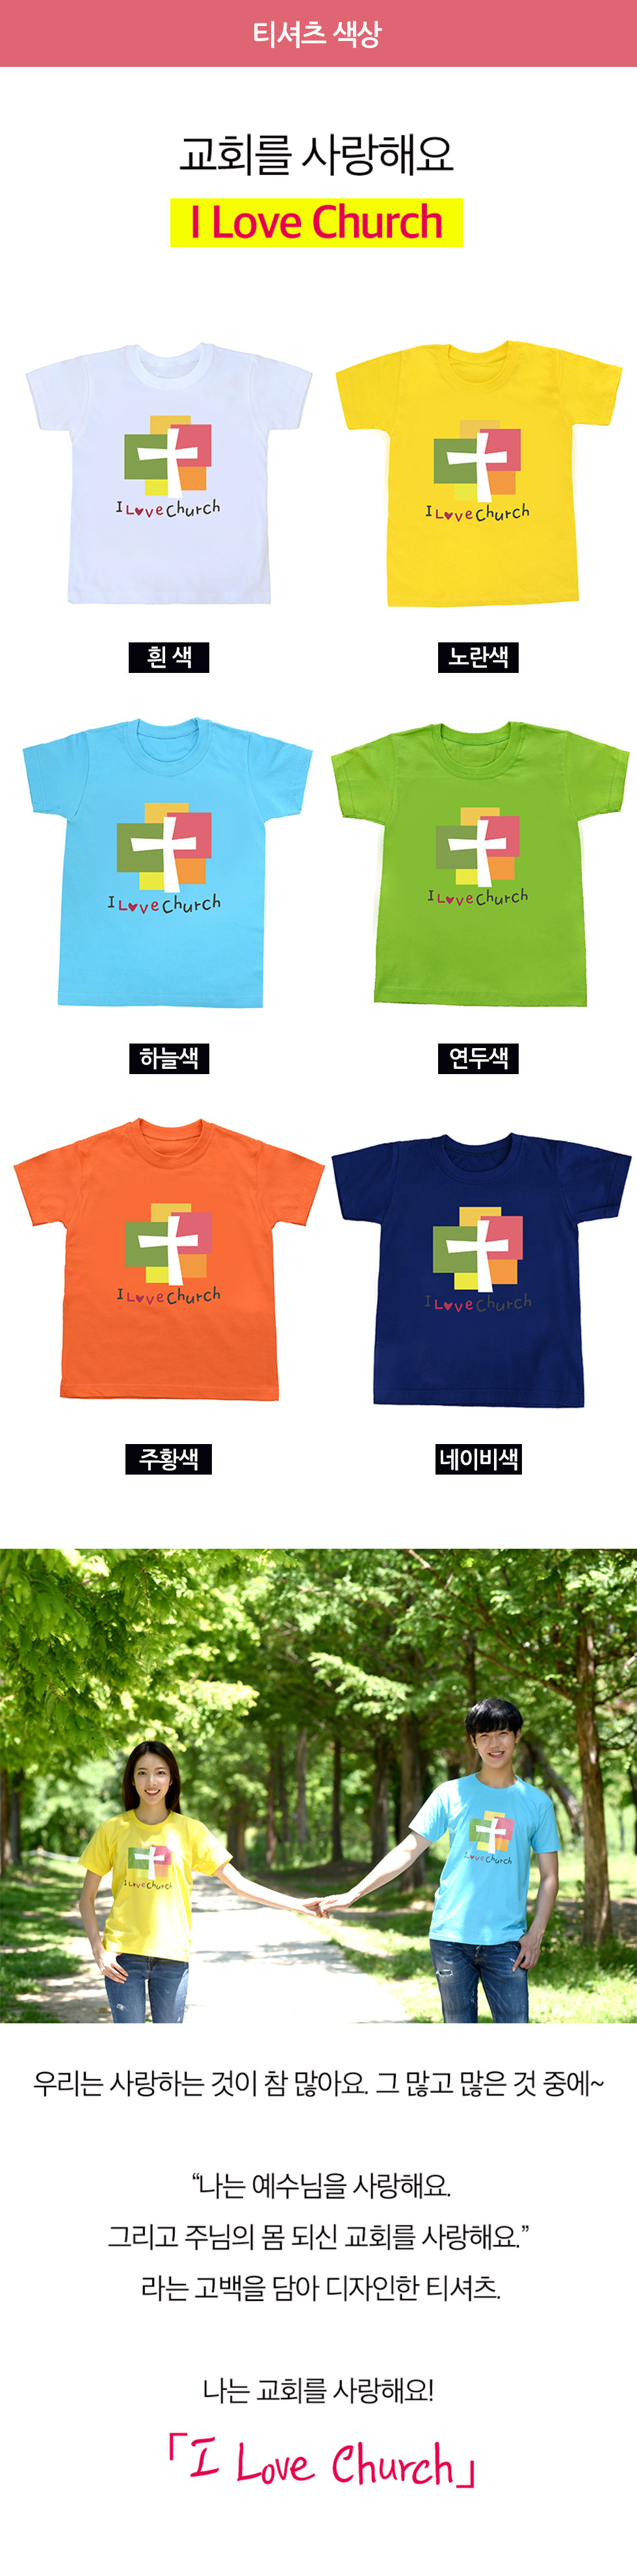 교회단체티 교회티셔츠 I Love Church 처치 옵션별 가격